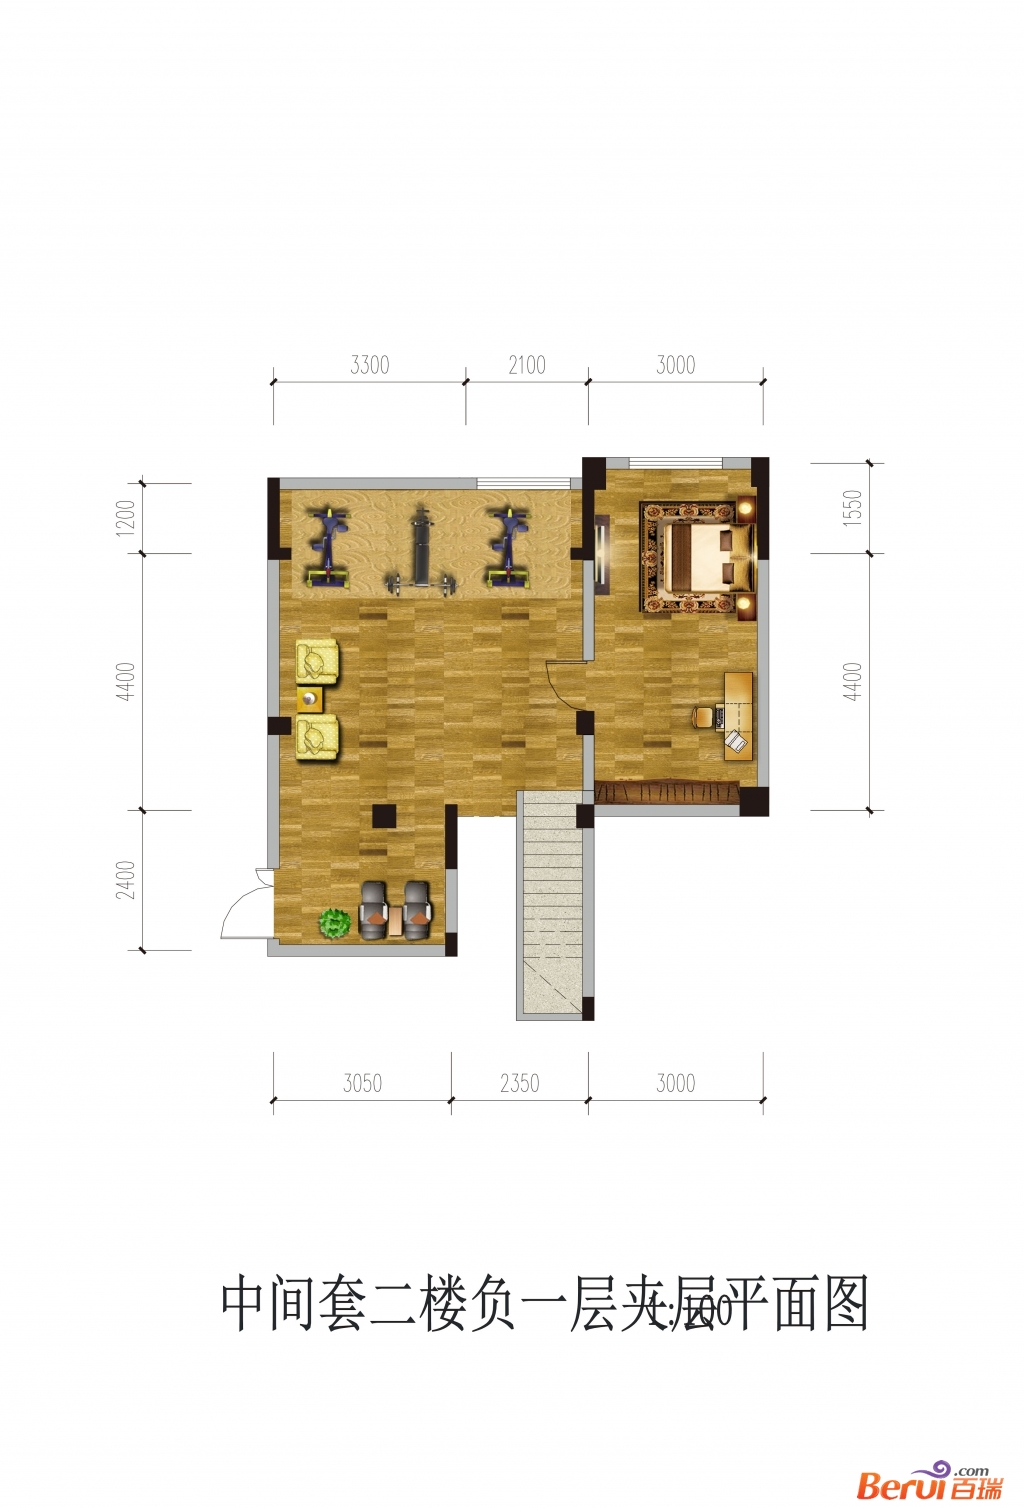 悦湖山院2楼负1夹层(洋房)